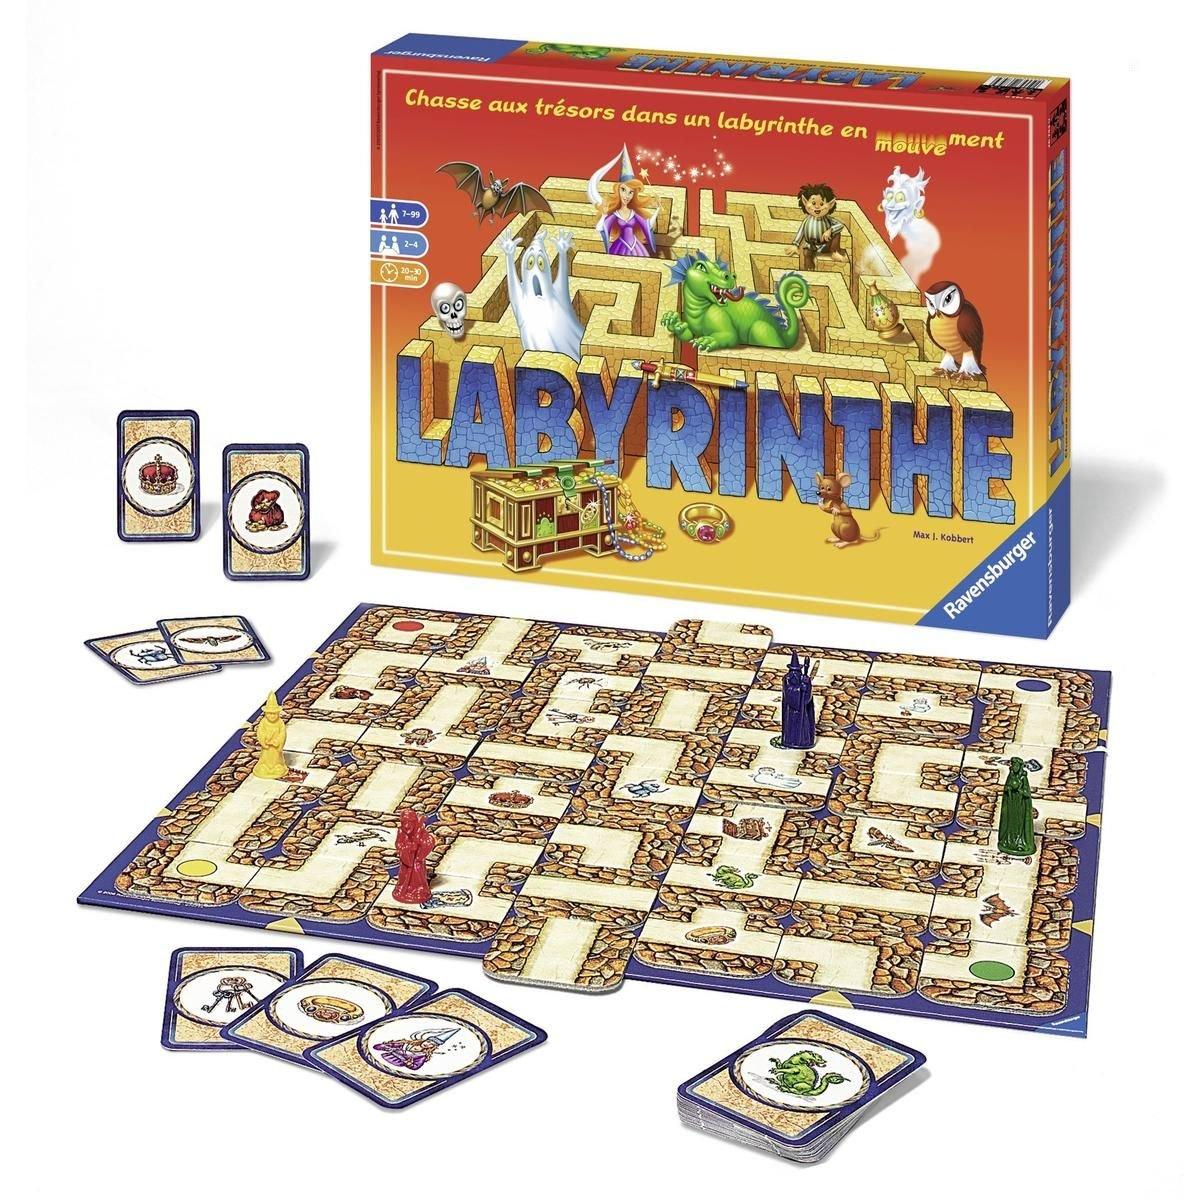 Labyrinth - Suisse édition